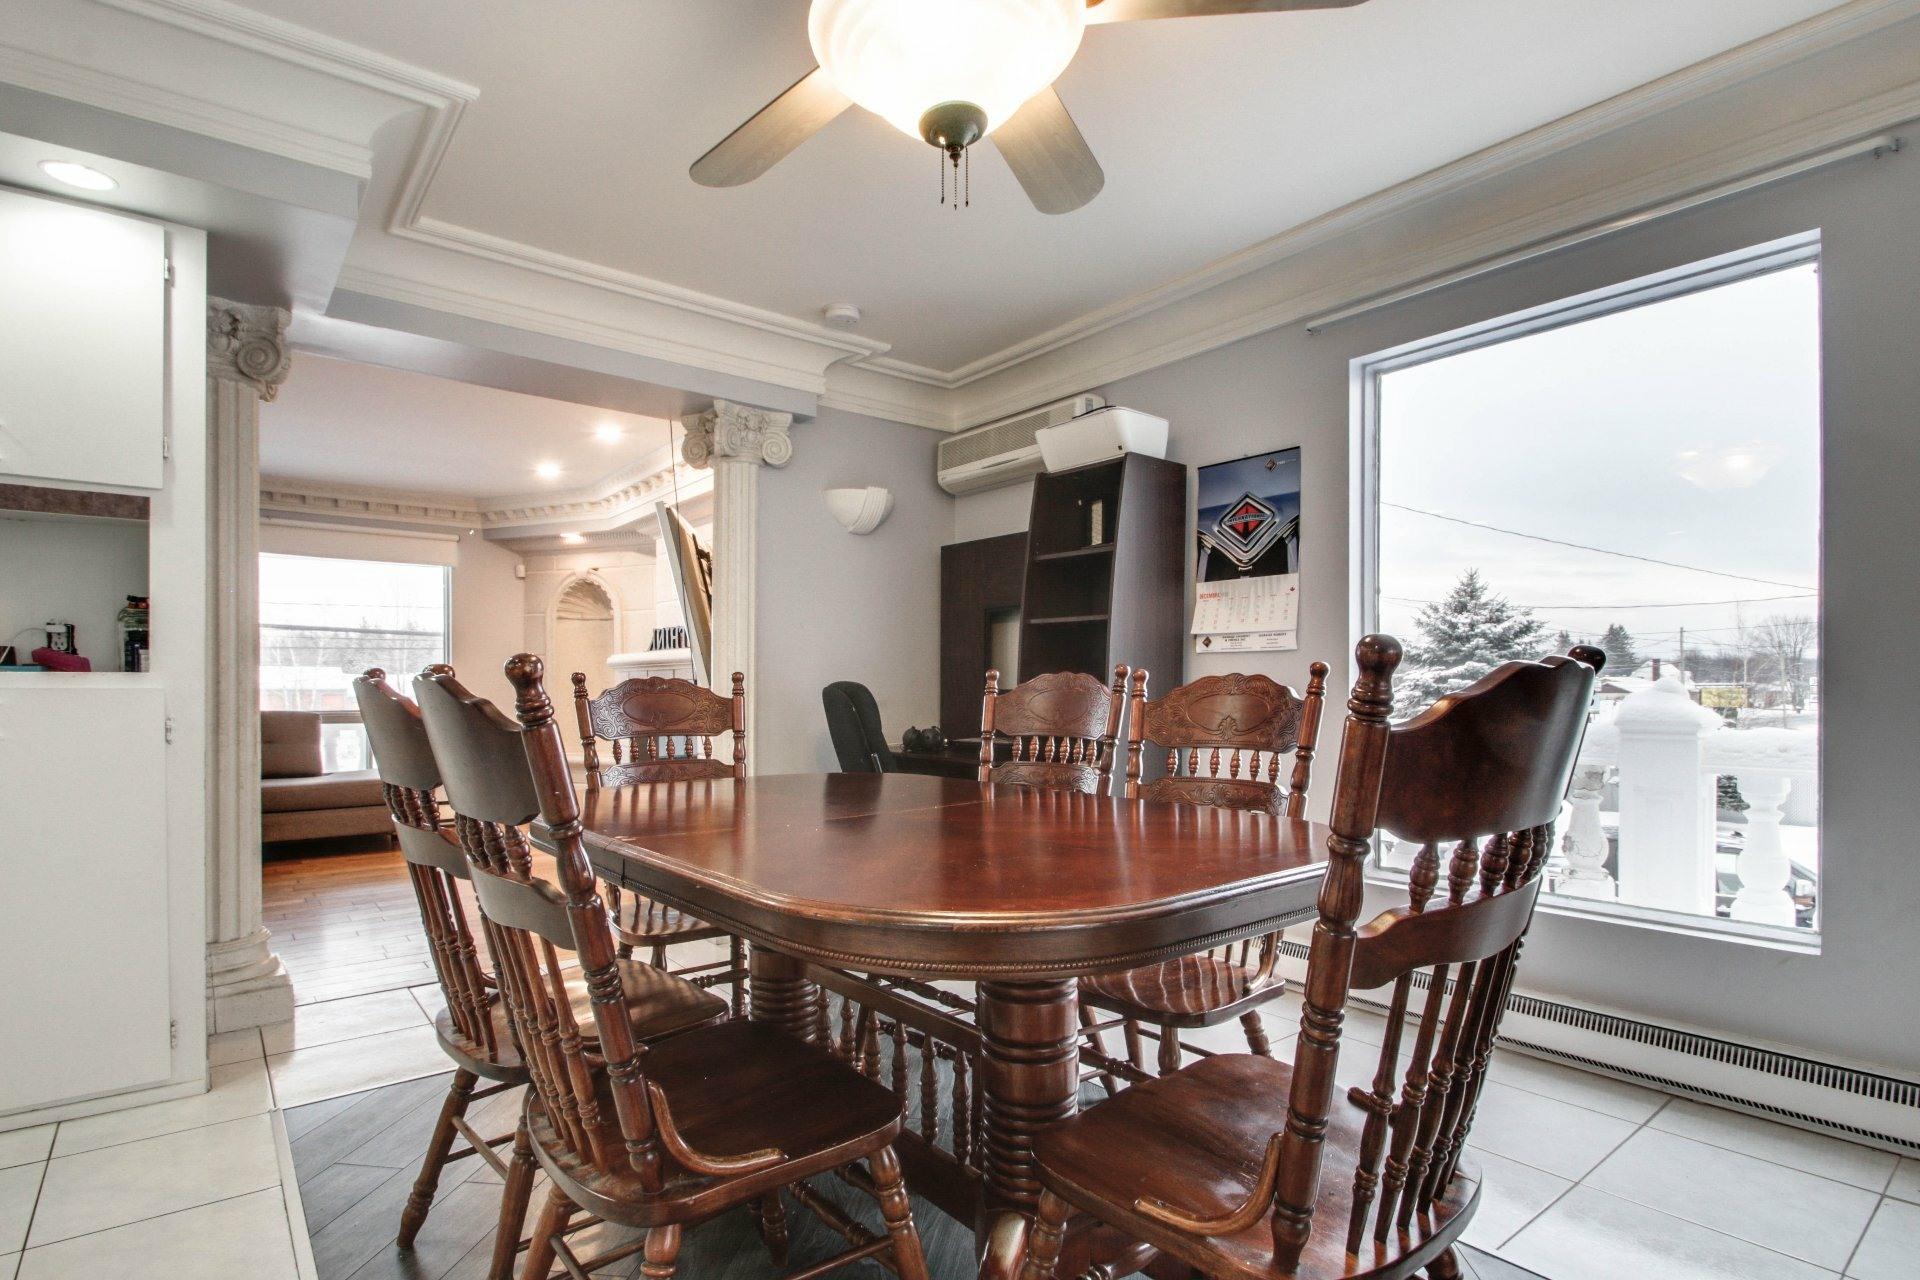 image 36 - Duplex À vendre Trois-Rivières - 6 pièces